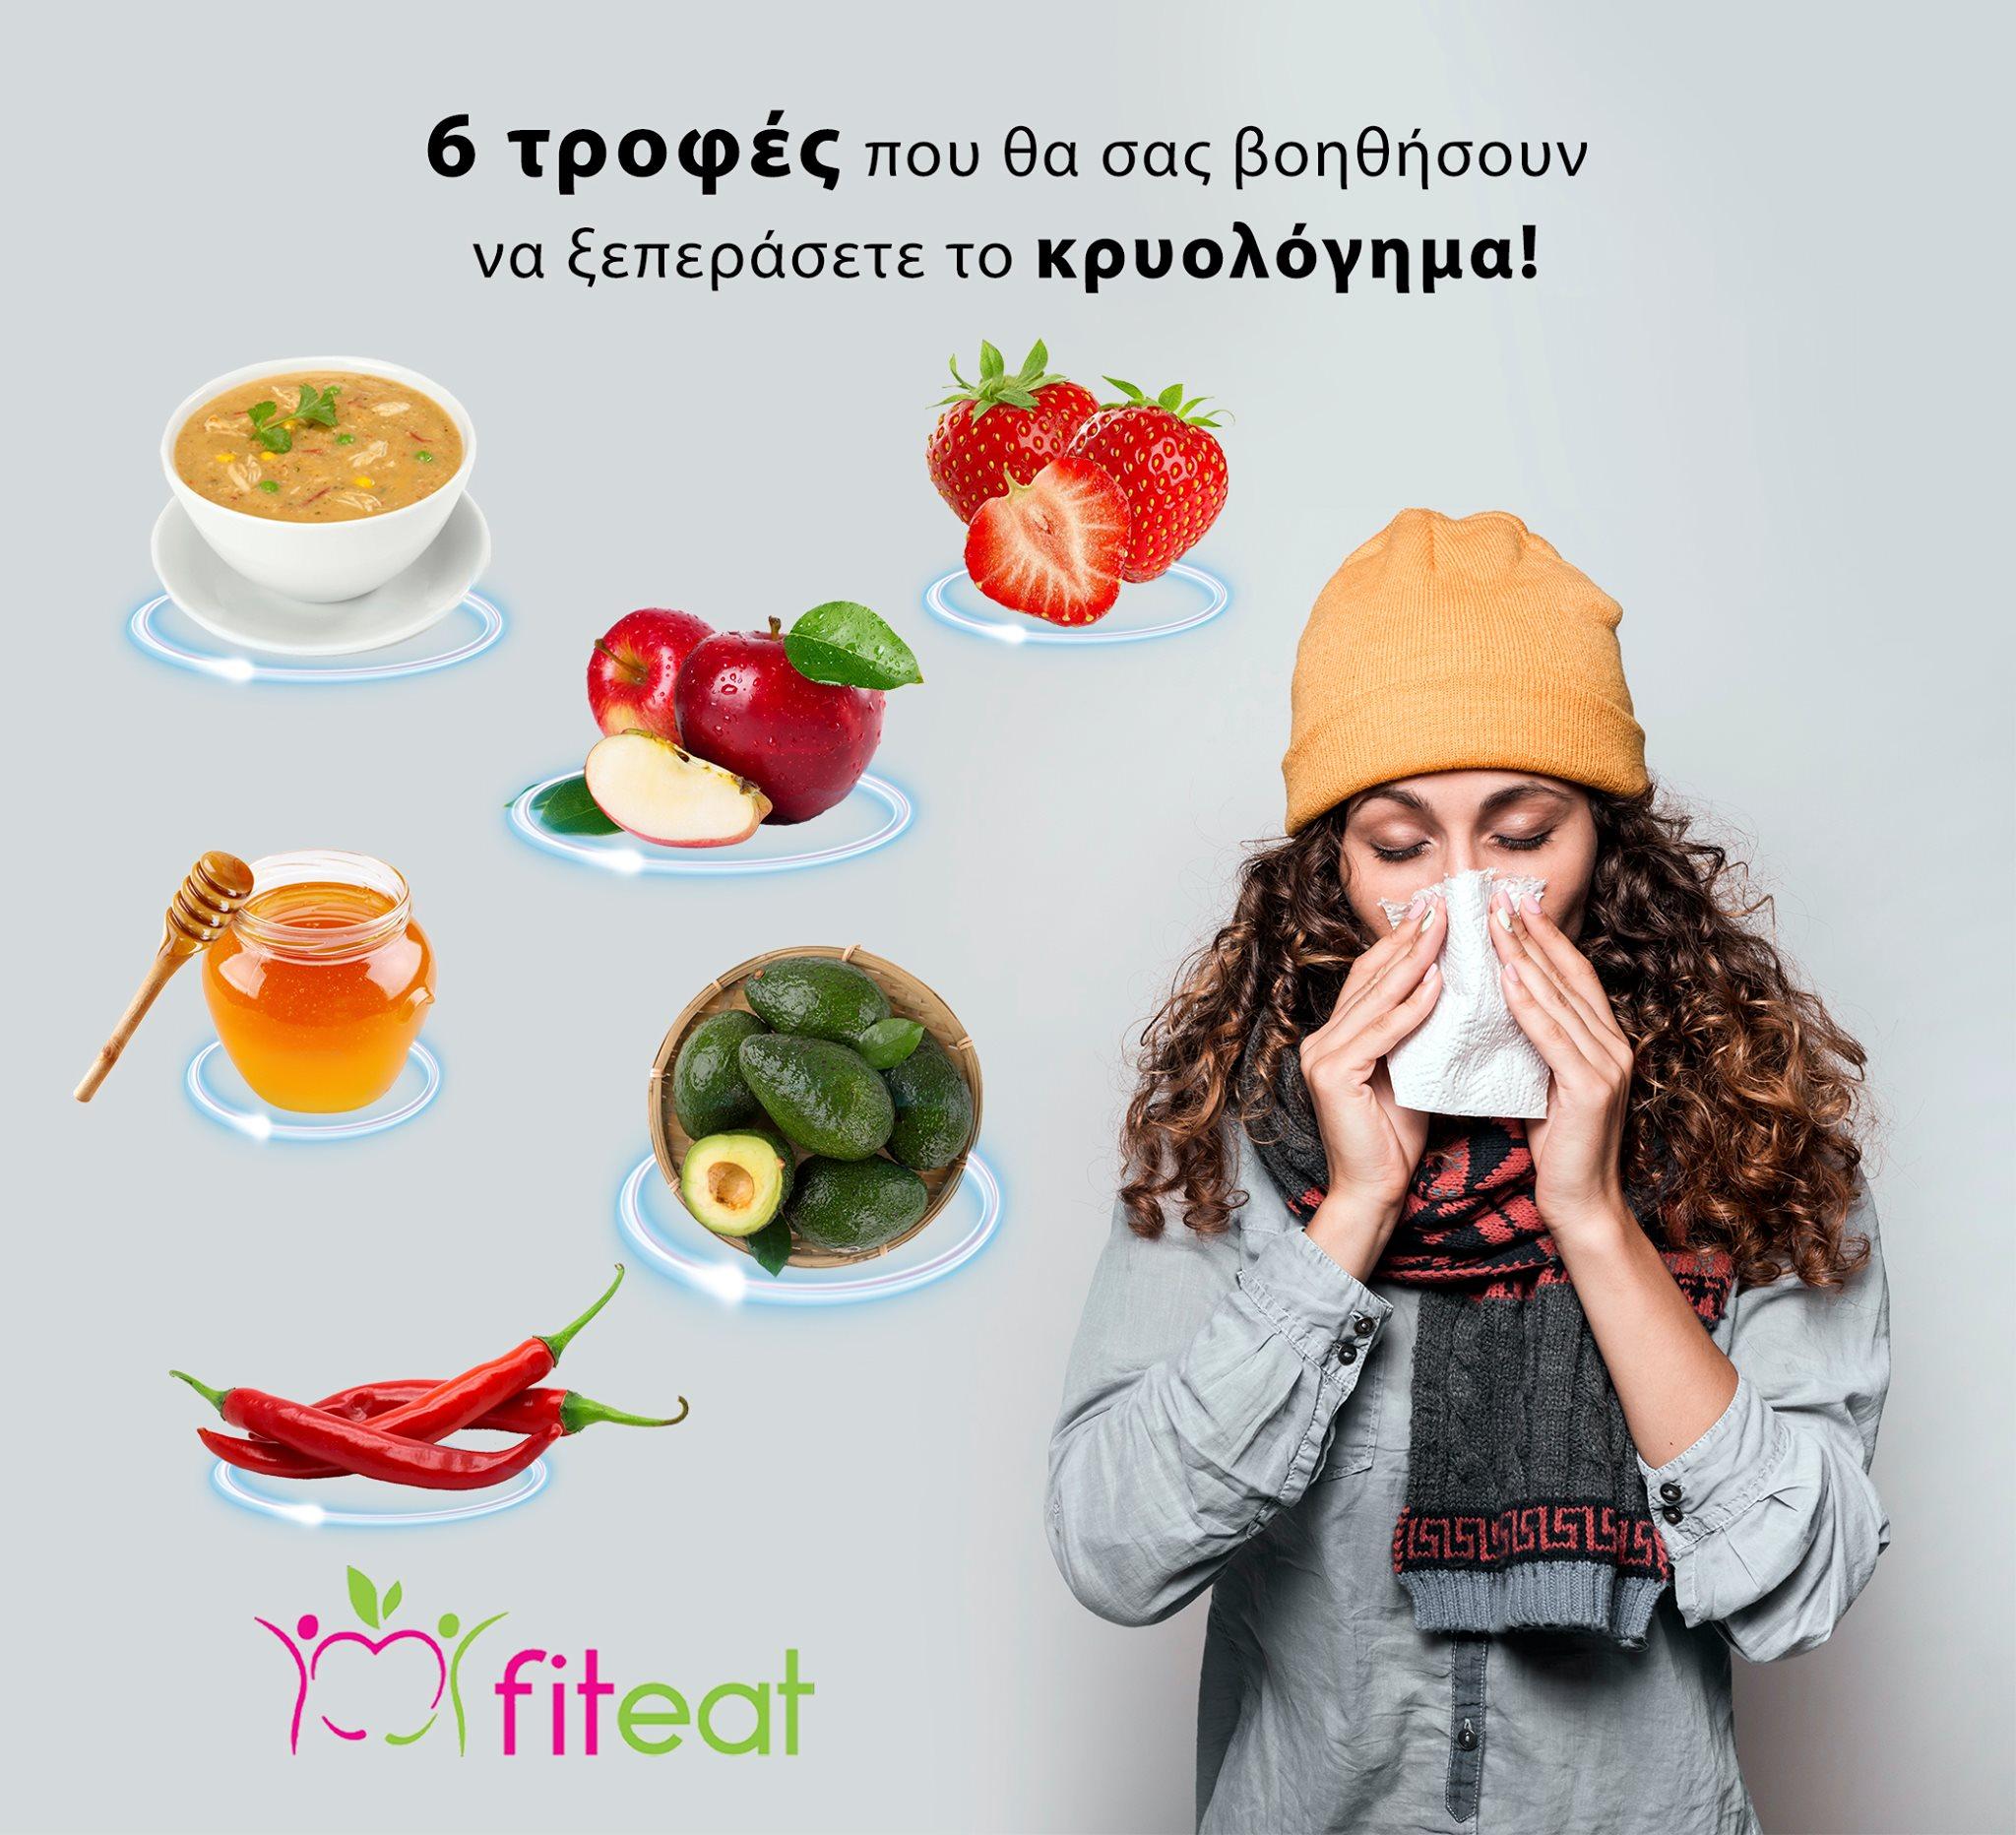 6 τροφές κατά του κρυολογήματος